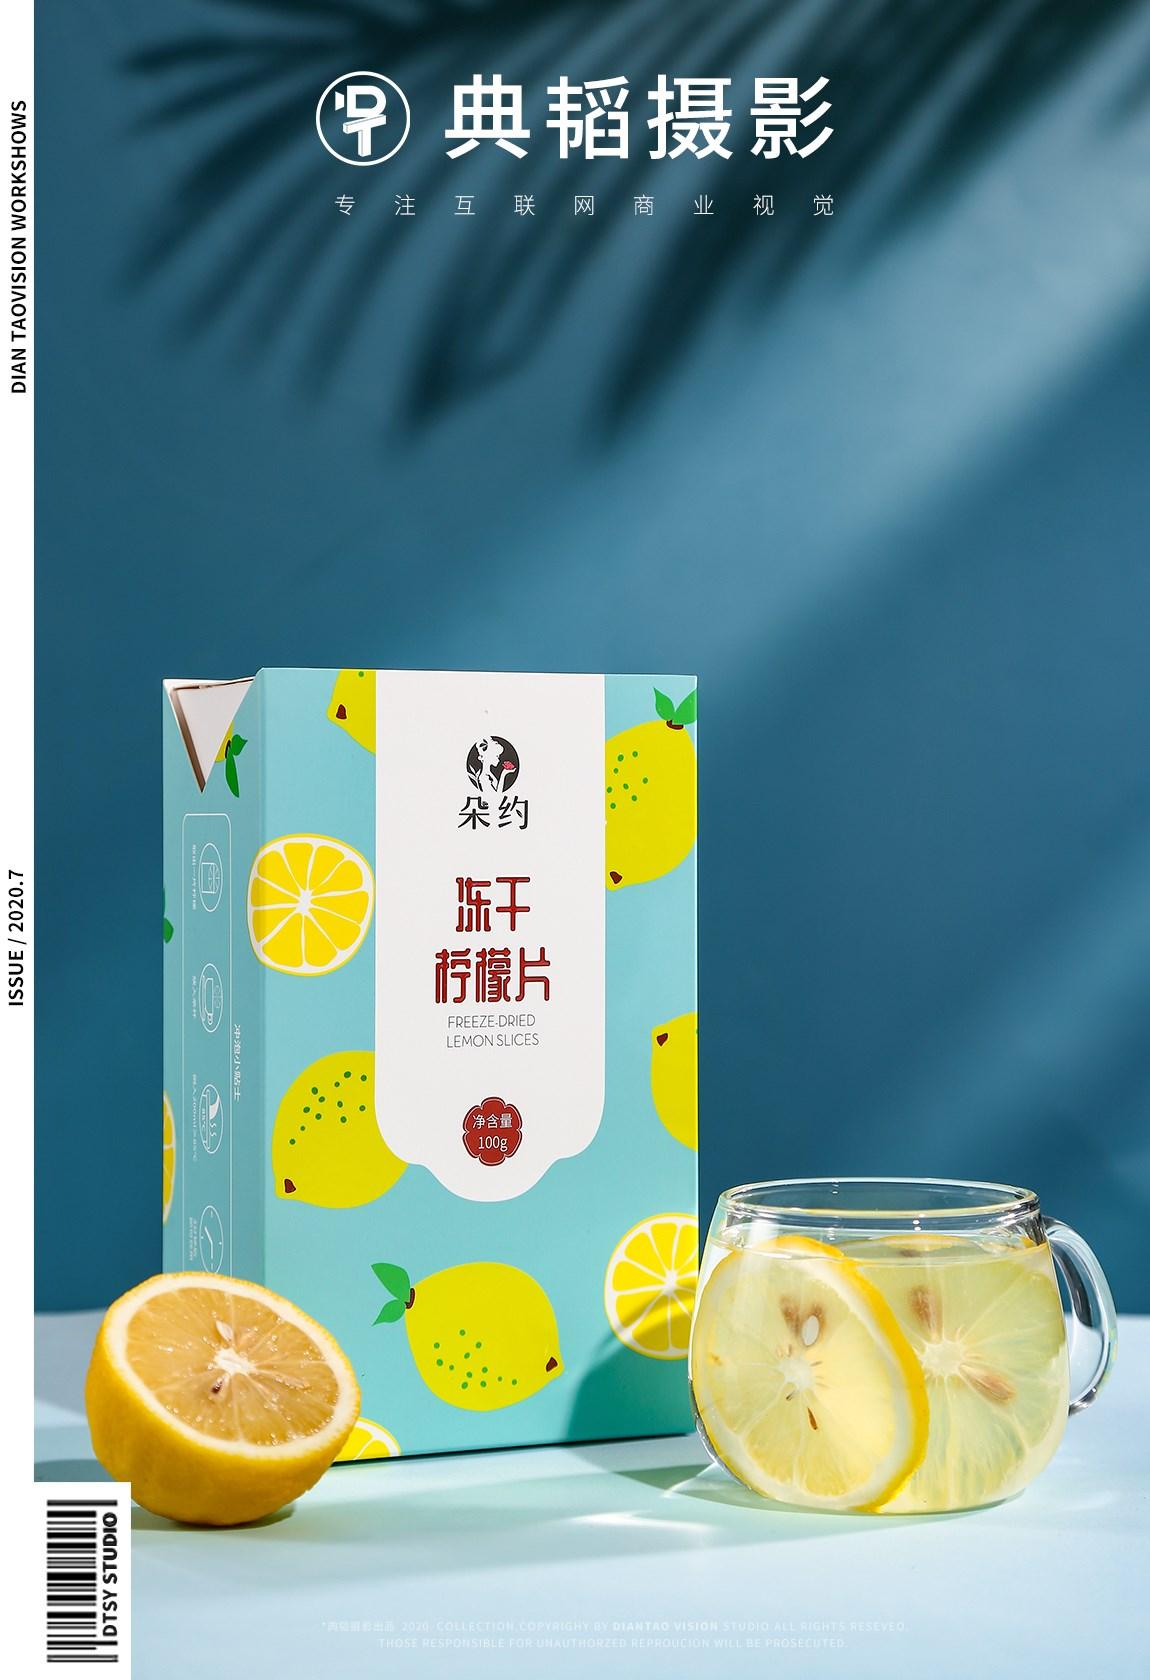 长沙典韬摄影 | 夏天是柠檬味的 花茶拍摄